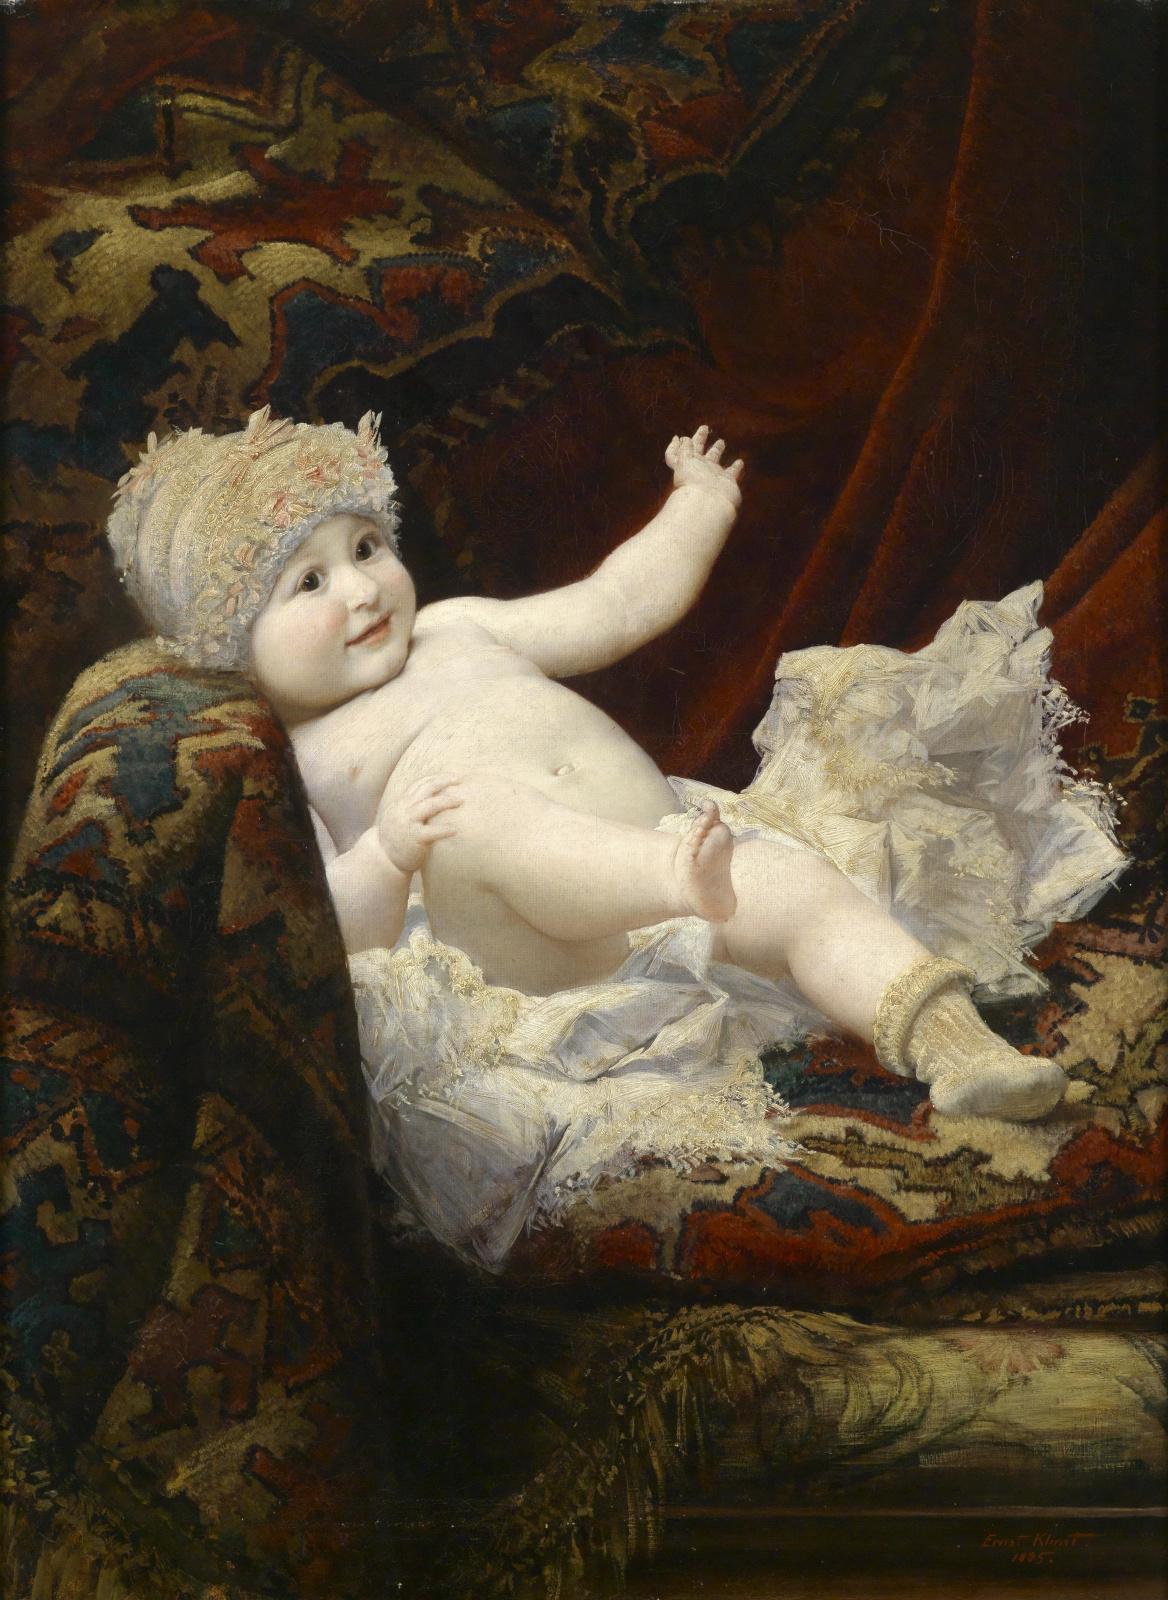 Эрнст Климт. Ребенок на диване